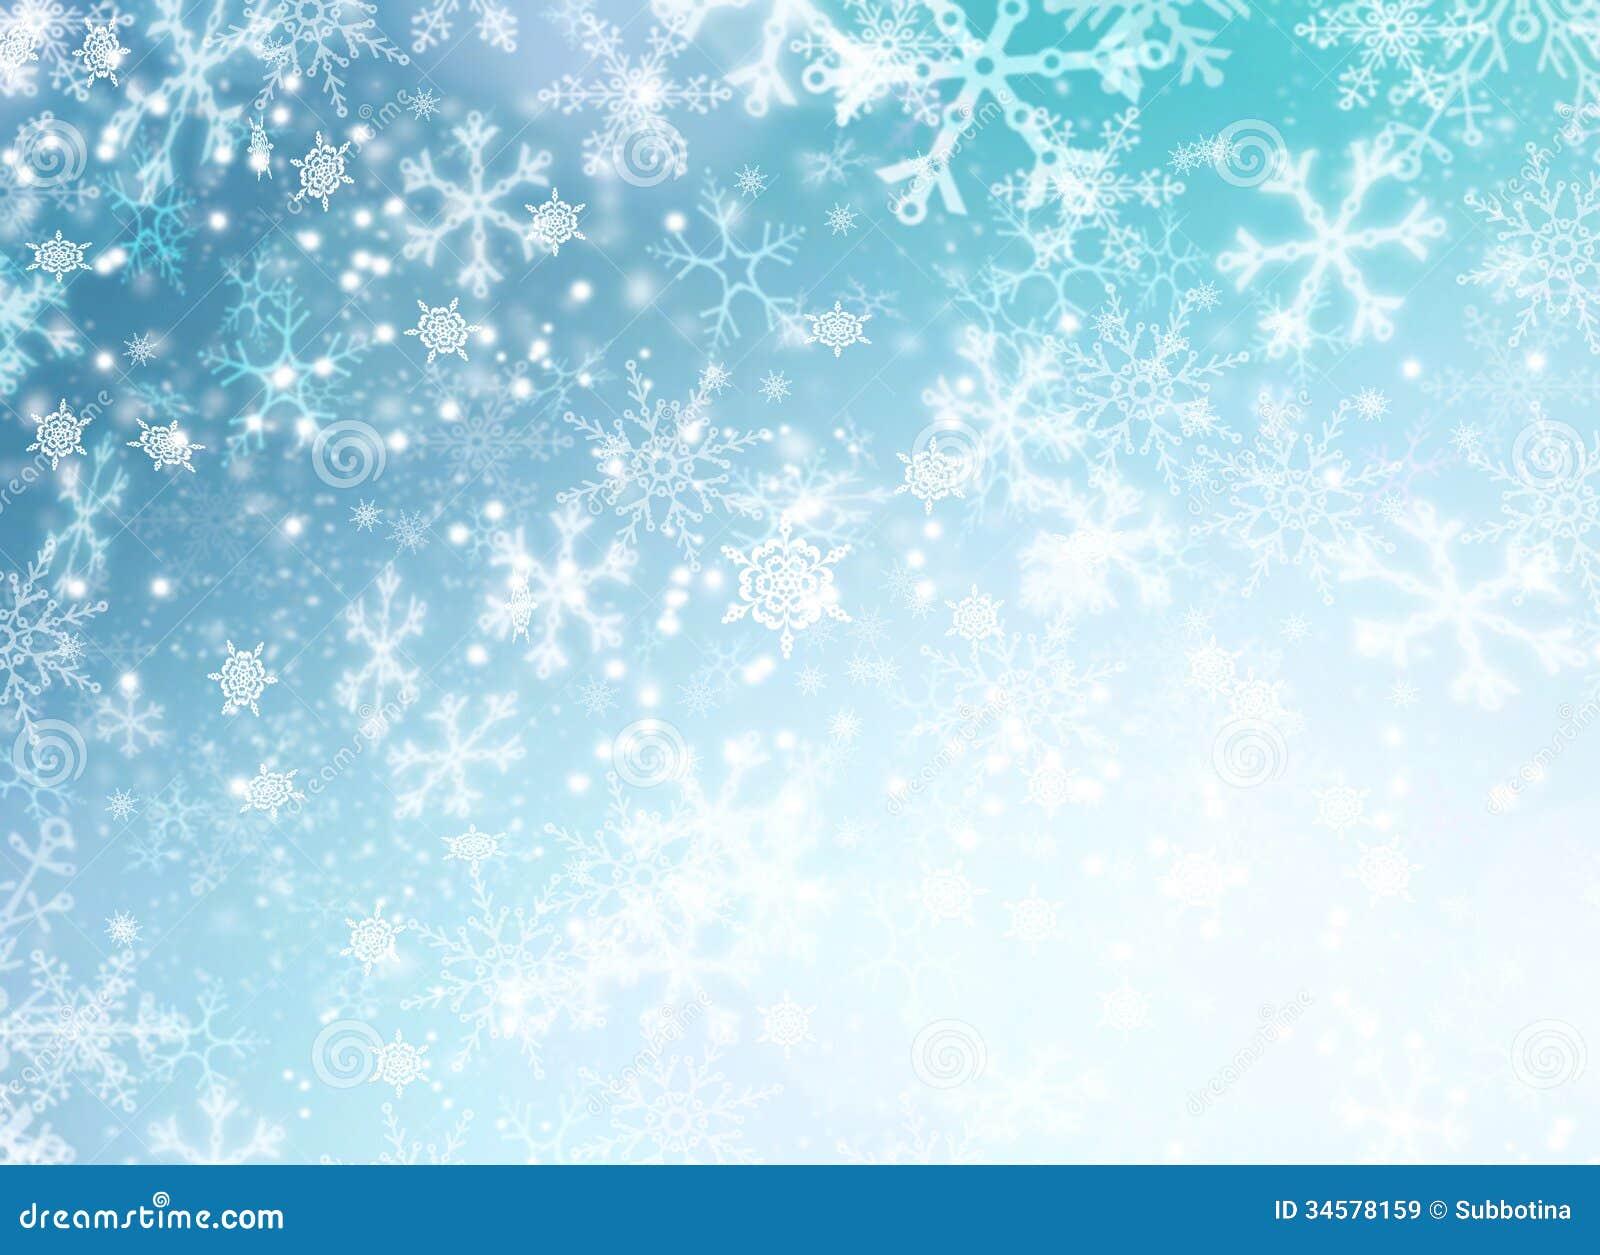 Winterurlaub-Schnee-Hintergrund